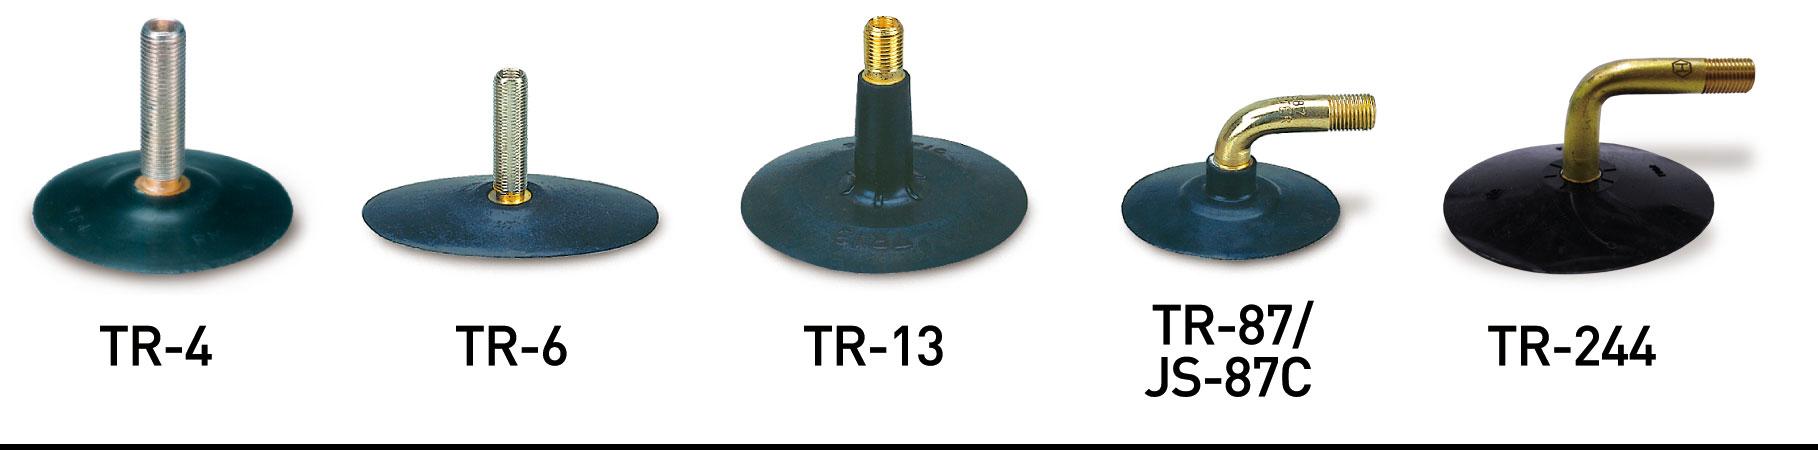 Kenda Inner Tube 25x8.00-12 TR-6